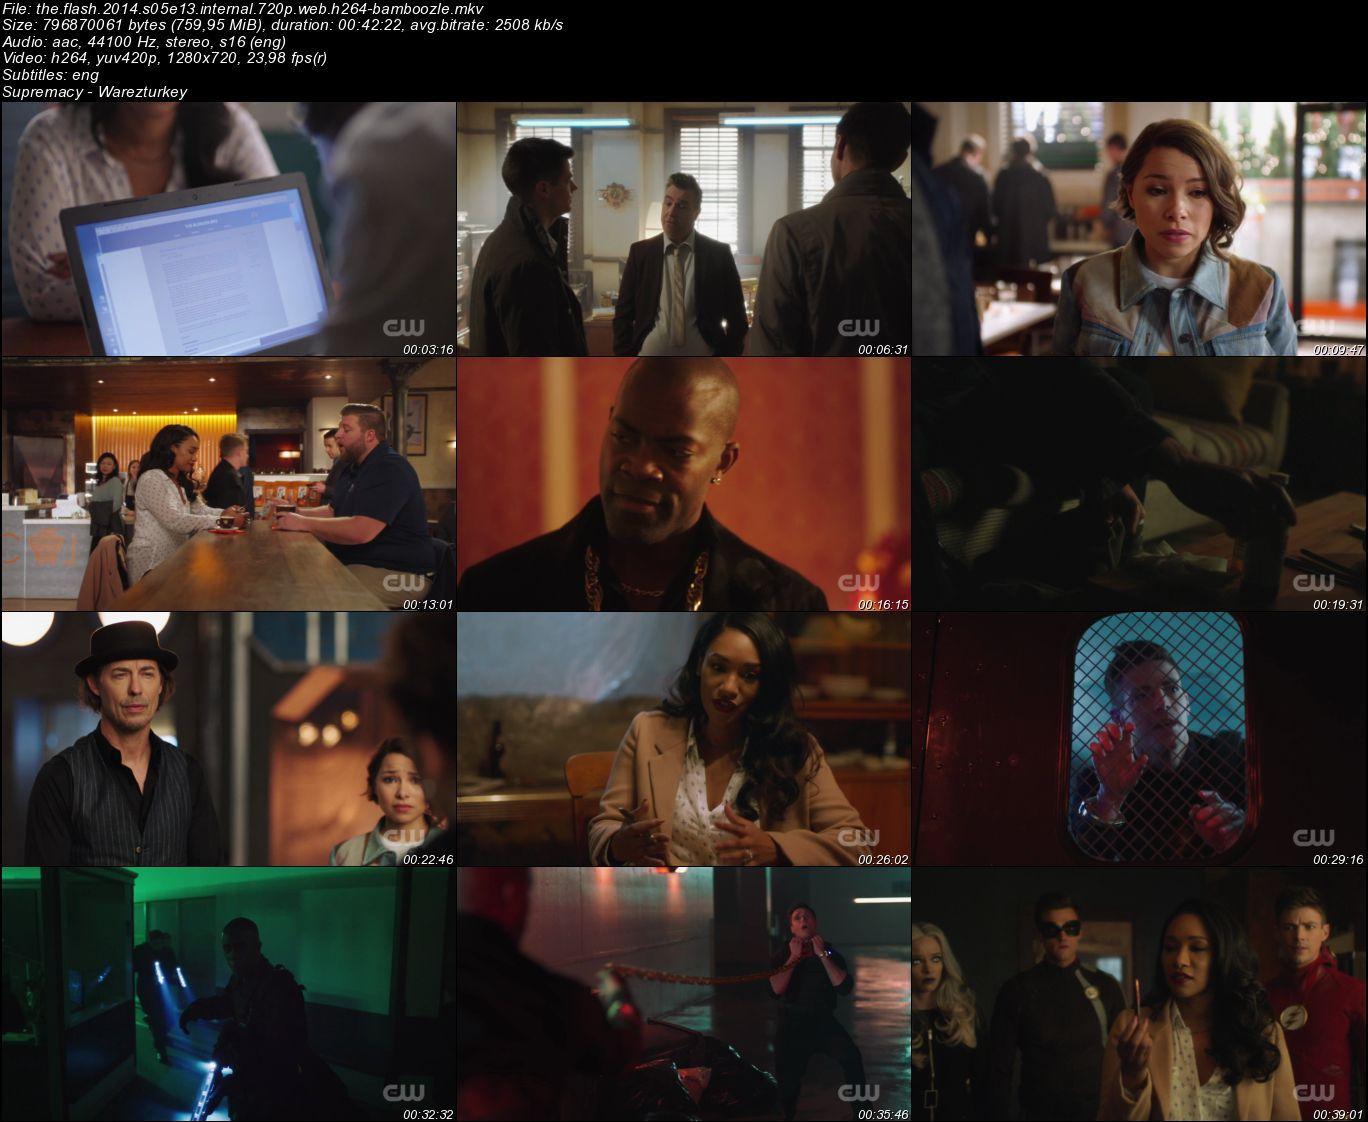 The Flash - Sezon 5 - 720p HDTV - Türkçe Altyazılı